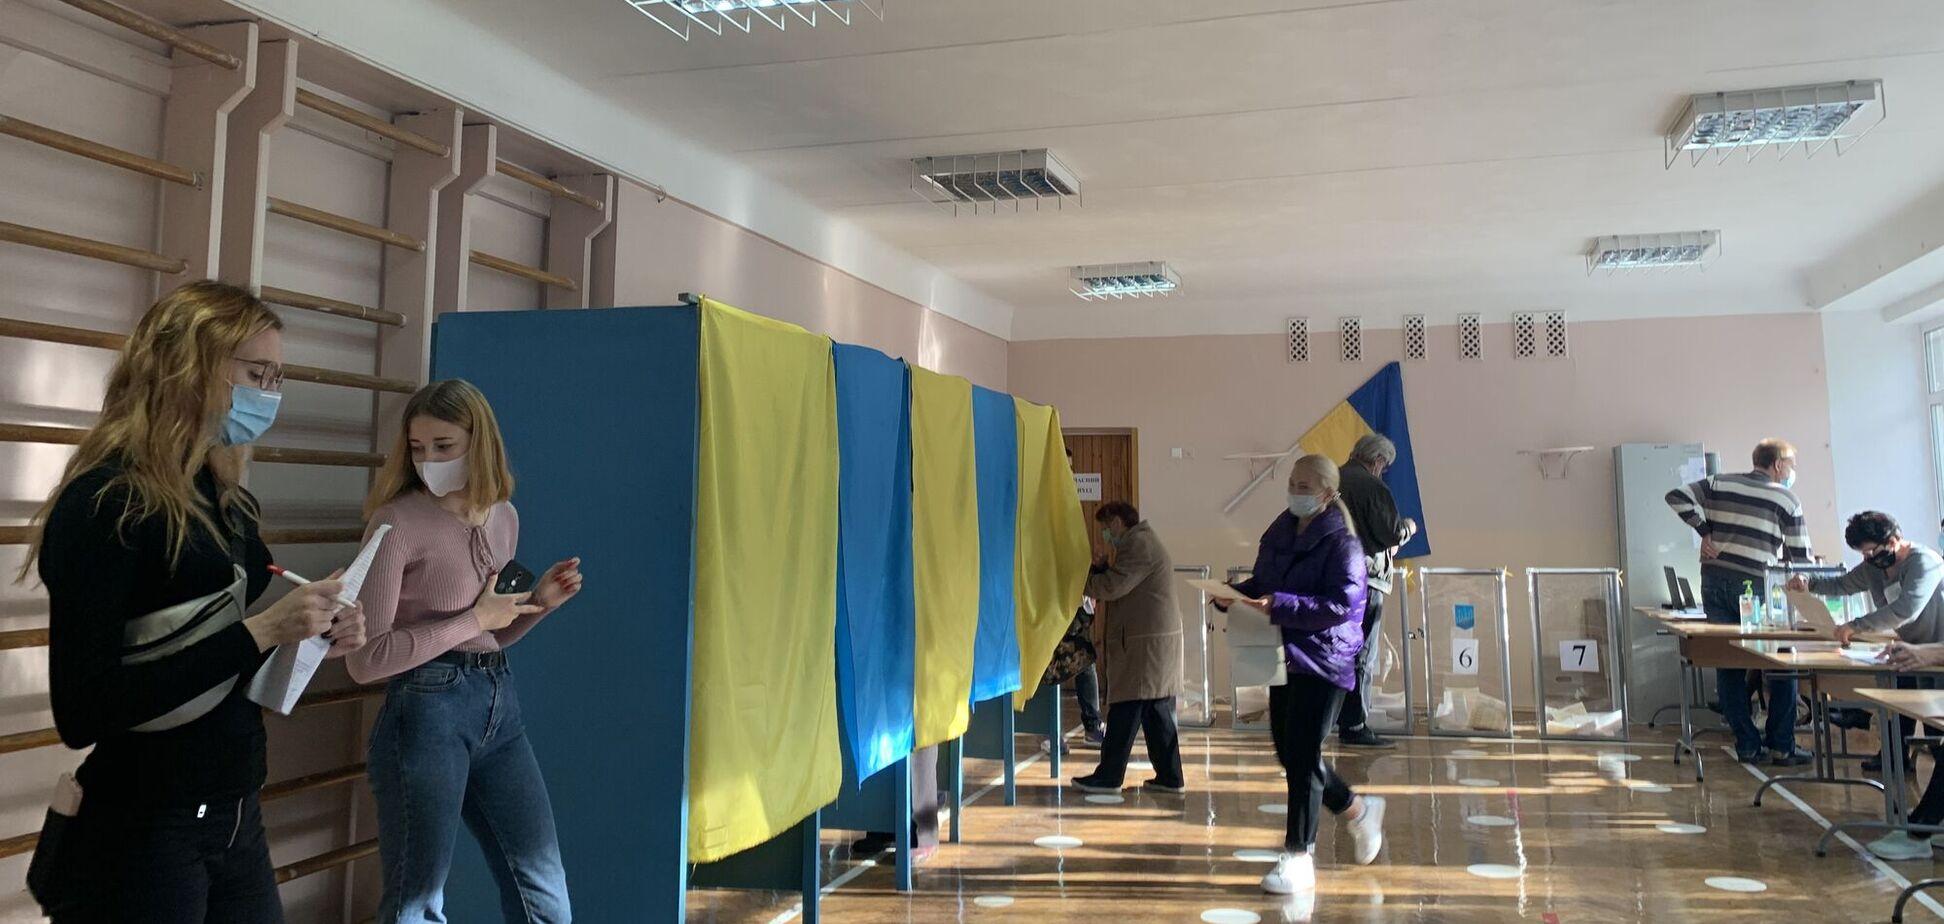 Явка виборців, за даними 'Слуги народу', склала 16%